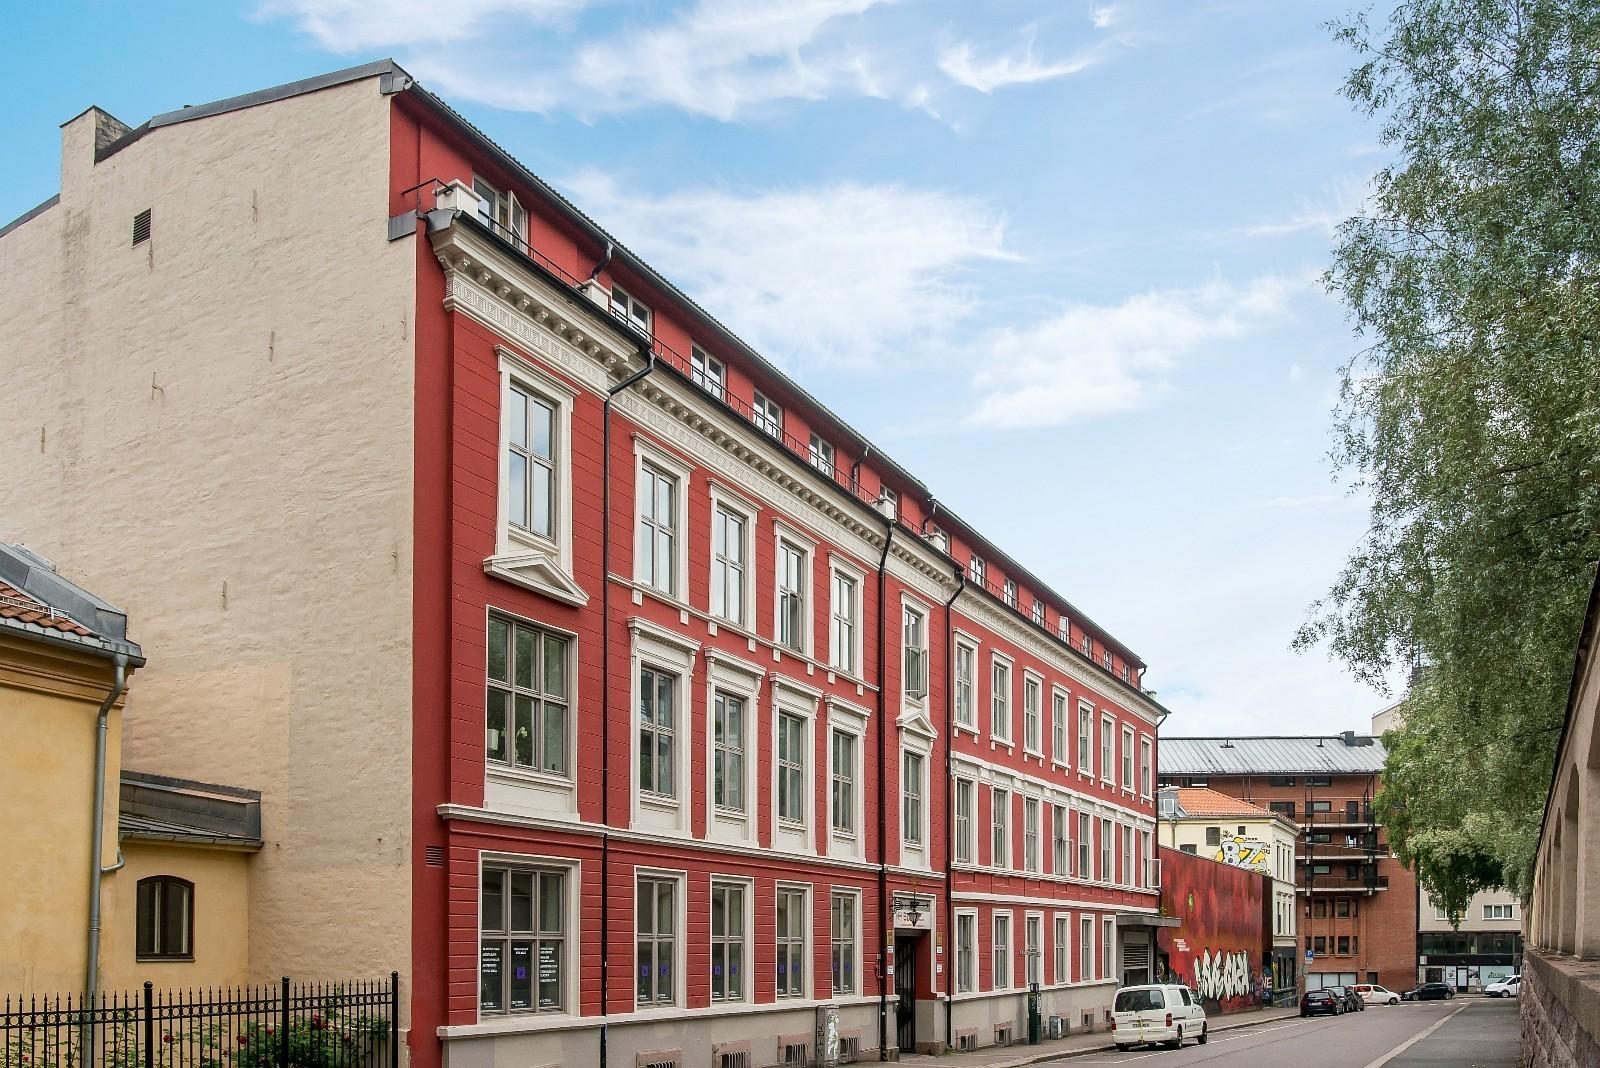 Hyggelig Enkeltkontor til leie i Oslo sentrum – vis a vis Pilestredet Park FV-63